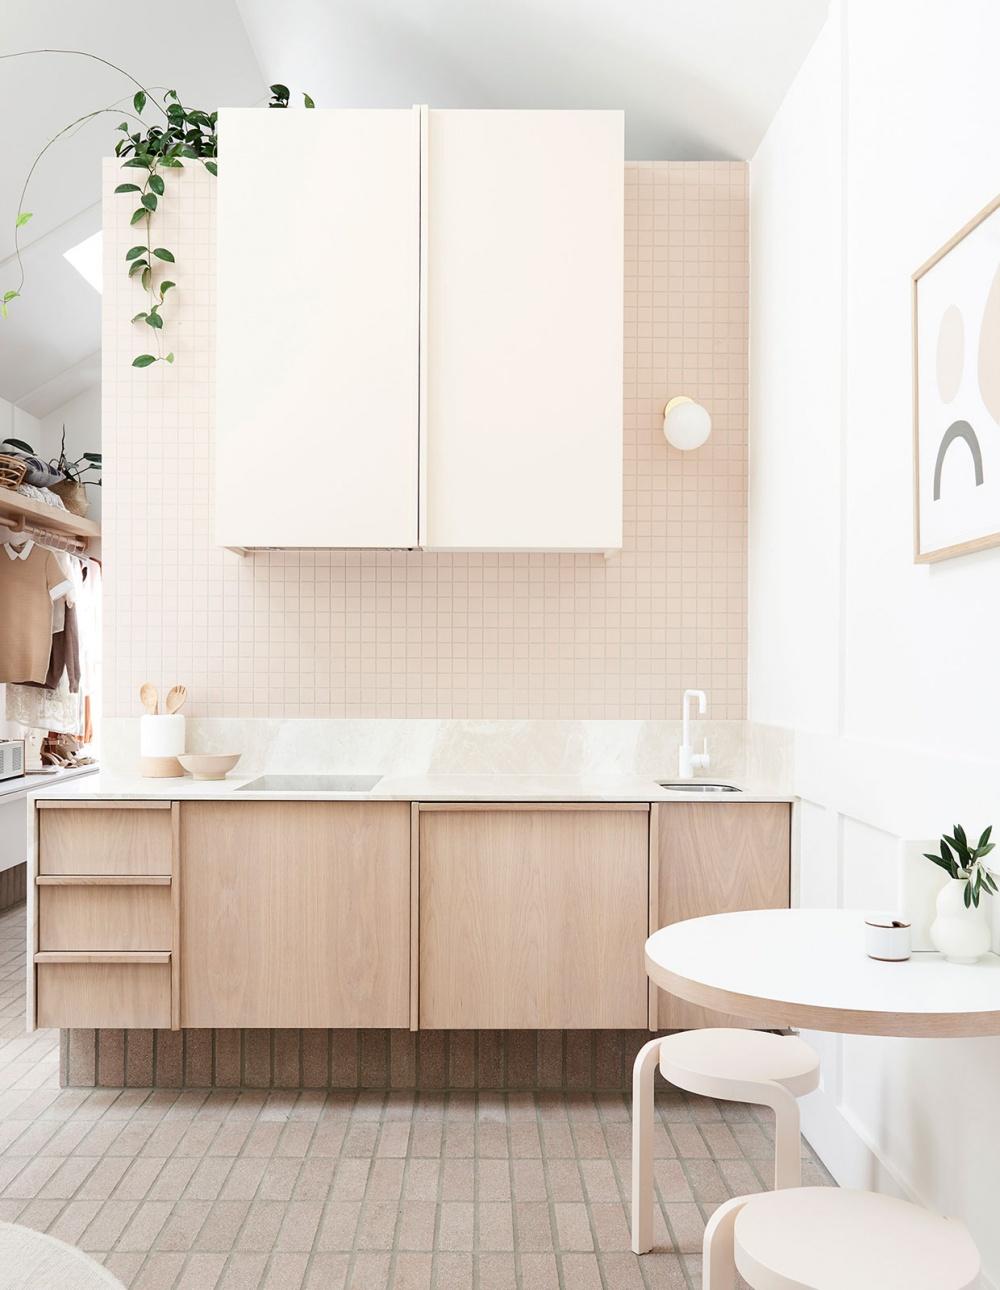 Soft pink tiles, blonde timber cabinetry and crisp white details. Interior design:  Bicker Design